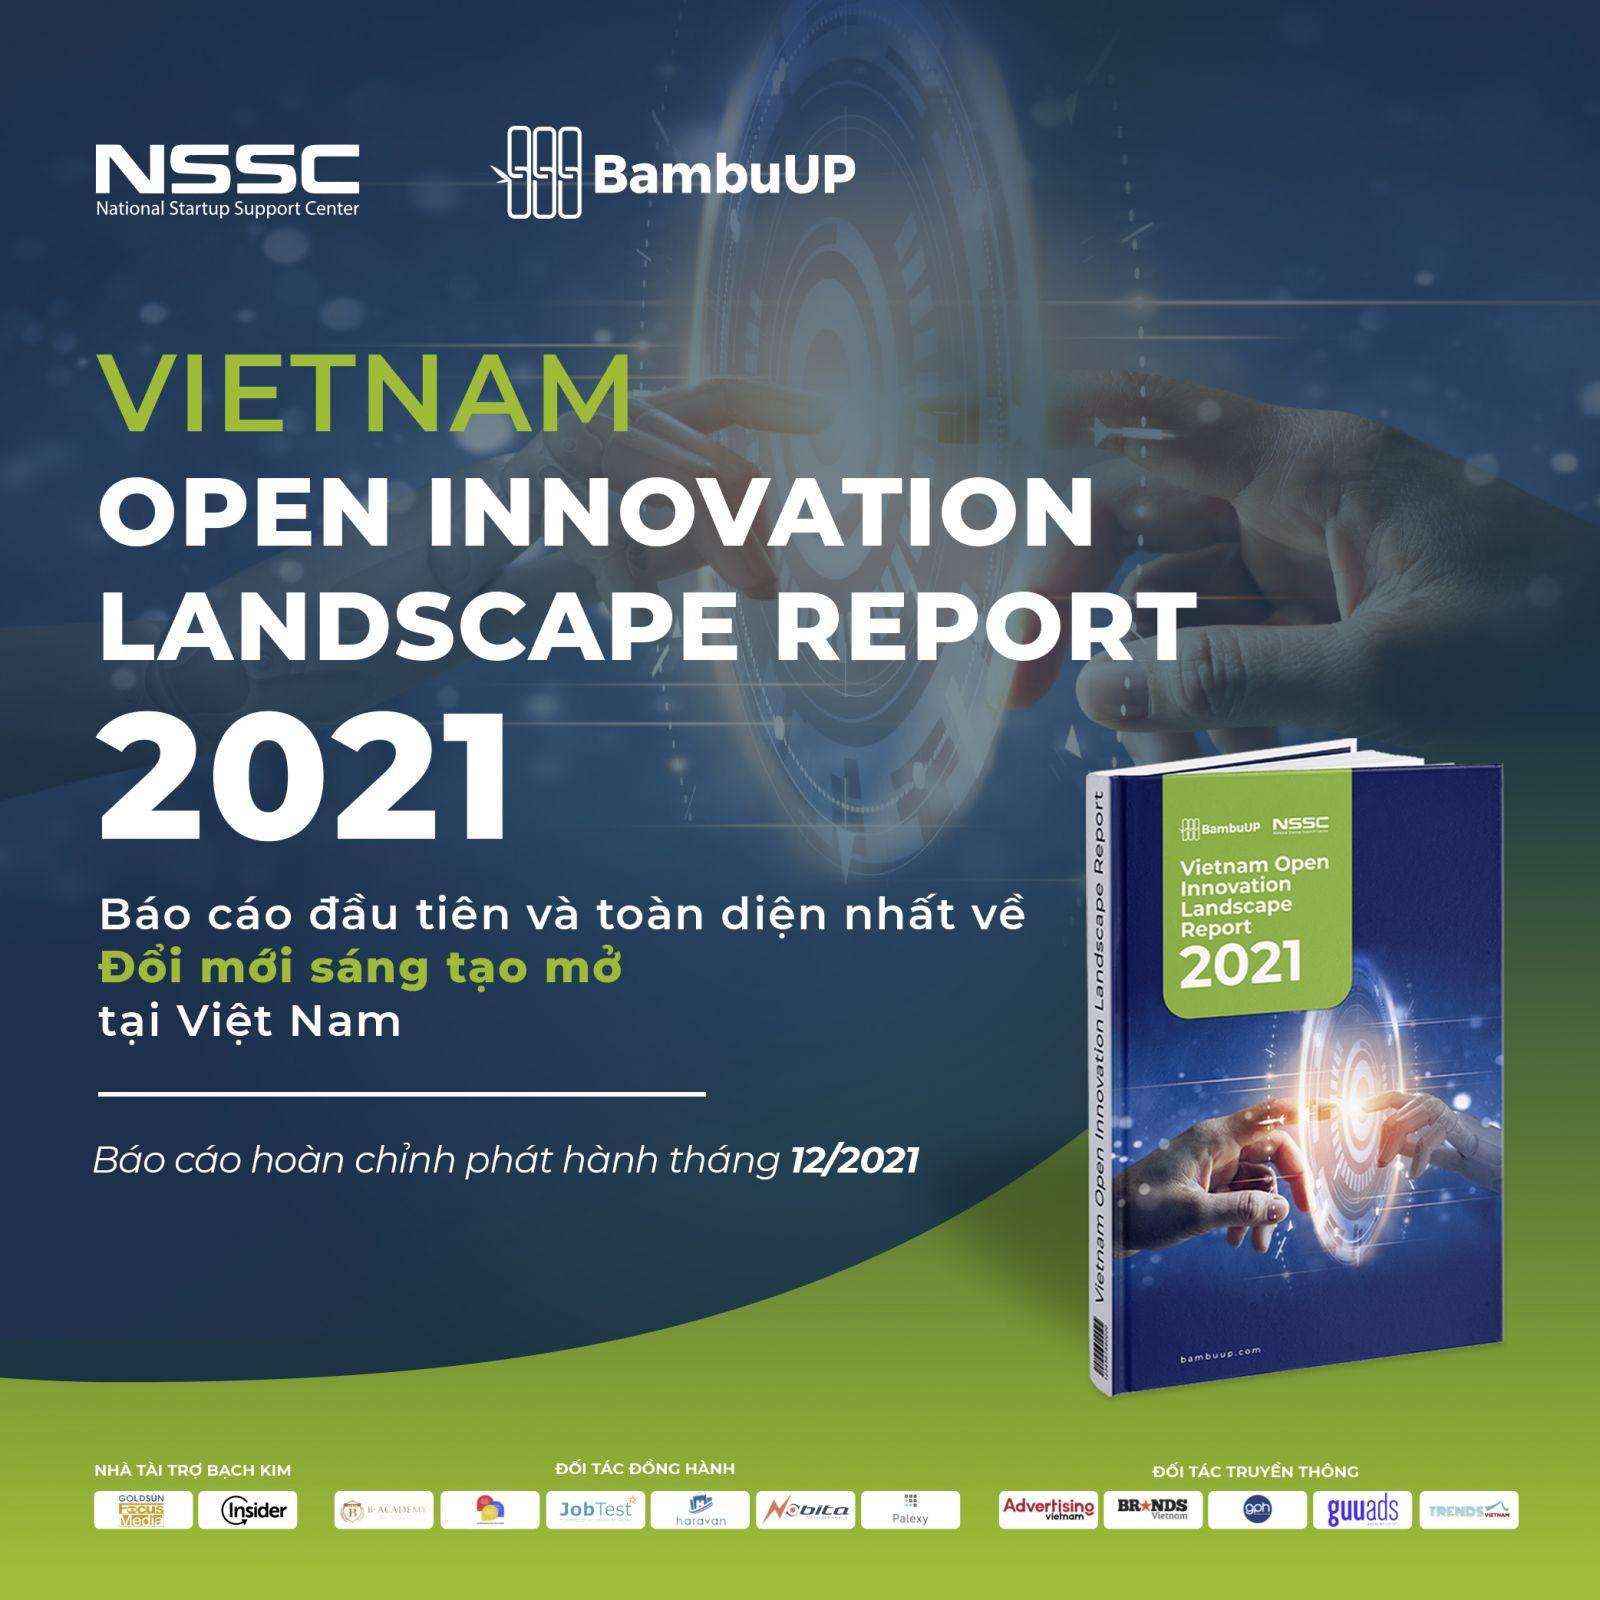 """Dự án Phát hành Báo cáo """"Toàn cảnh Đổi mới sáng tạo mở Việt Nam 2021"""" chính thức diễn ra"""